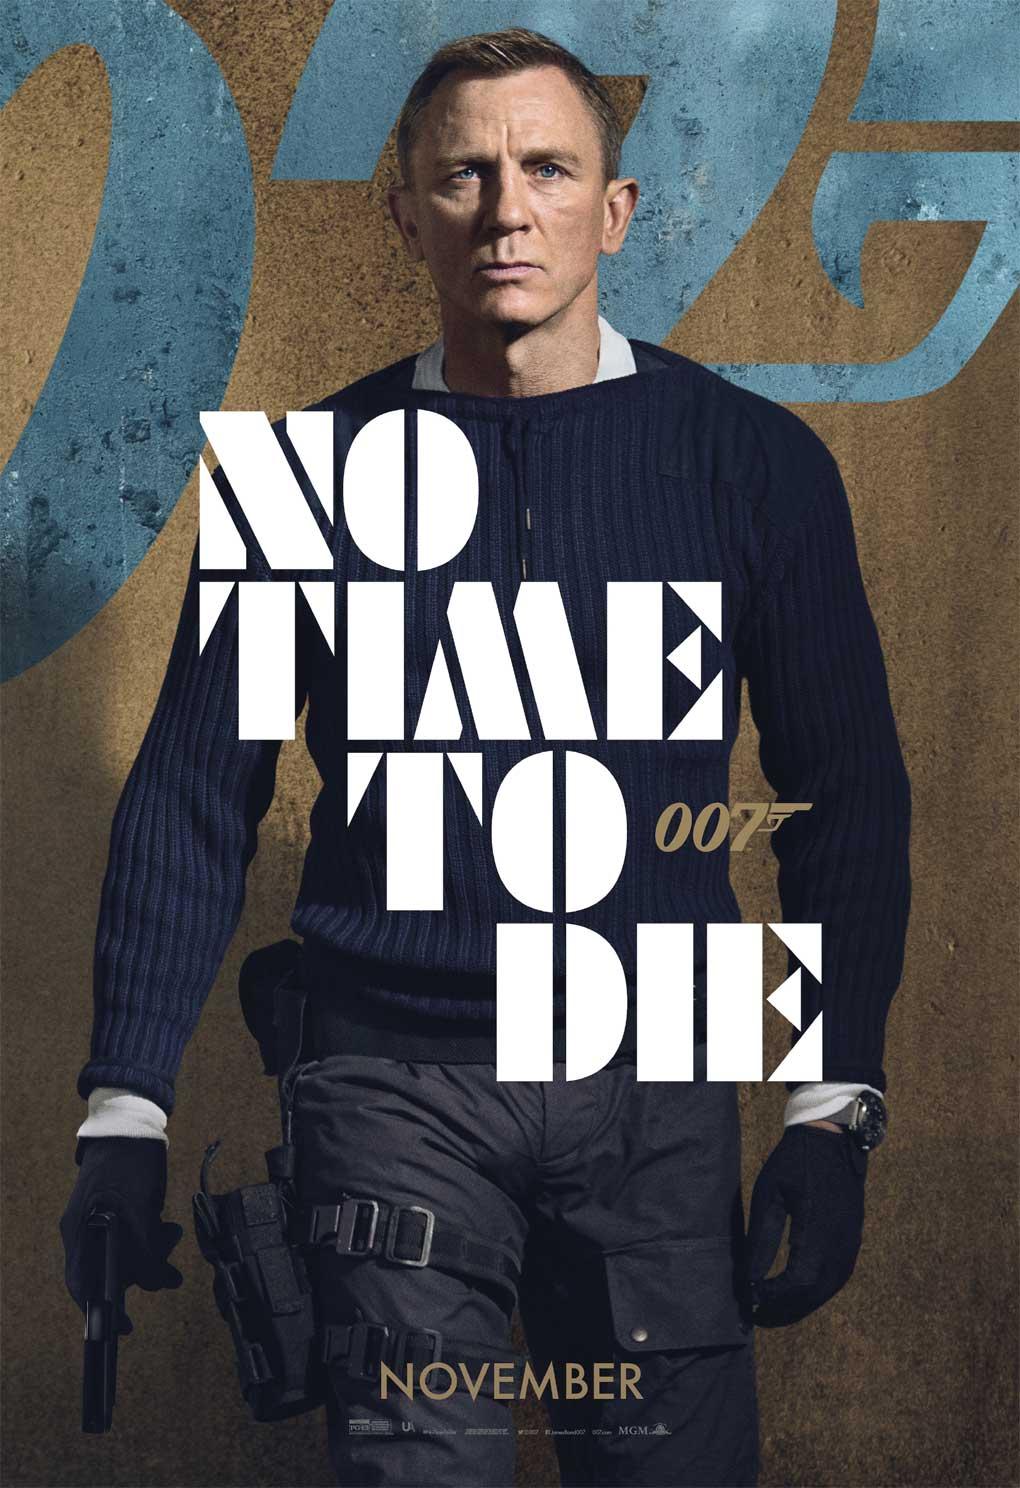 No Time To Die से जुड़े दस्तावेज लीक होने से बेपर्दा हुआ James Bond का मिशन!